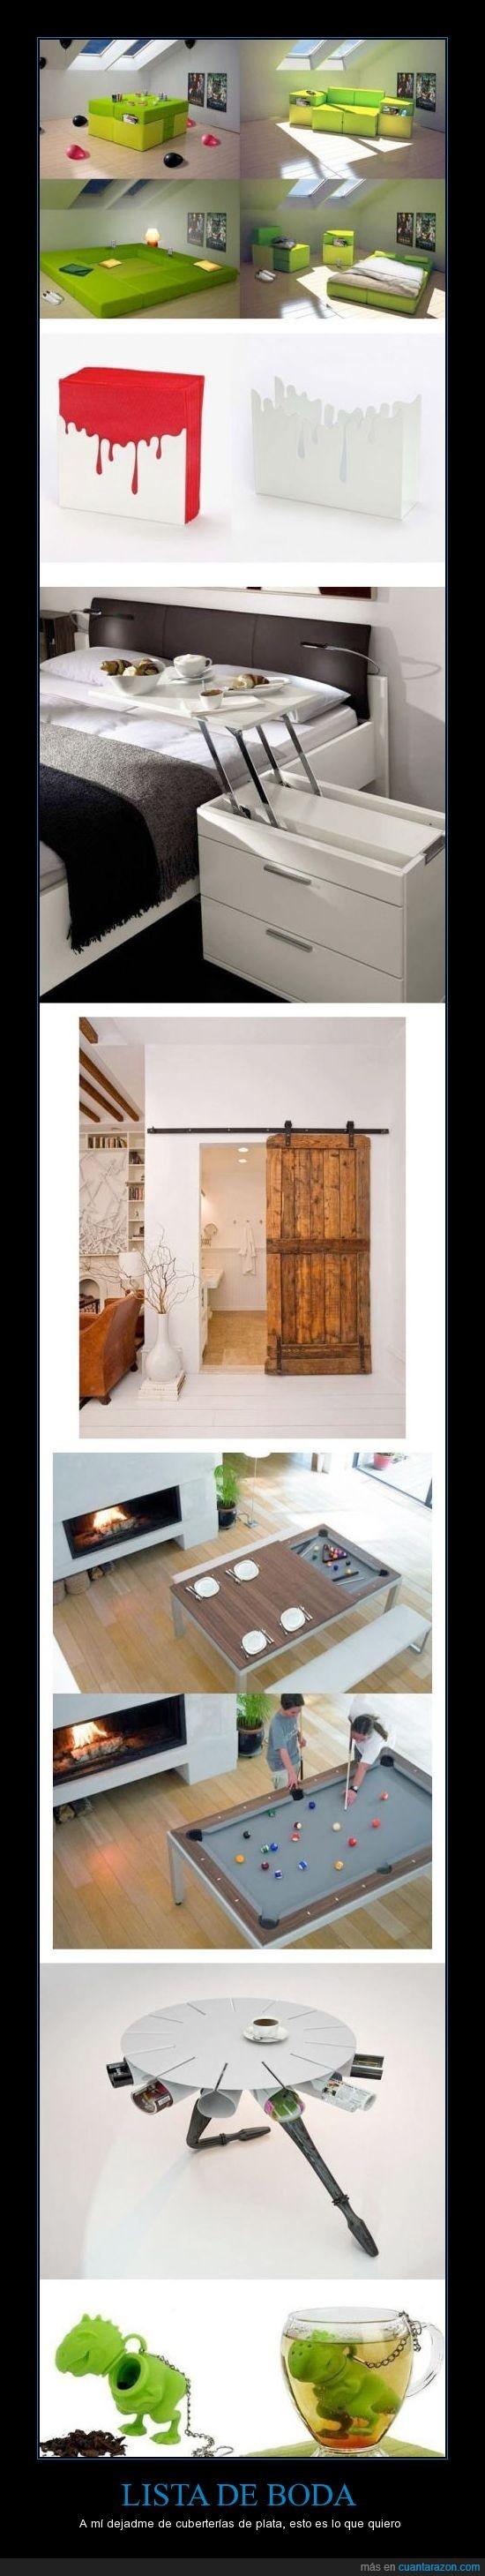 billar,casa,inventos,muebles,practico,puerta,te